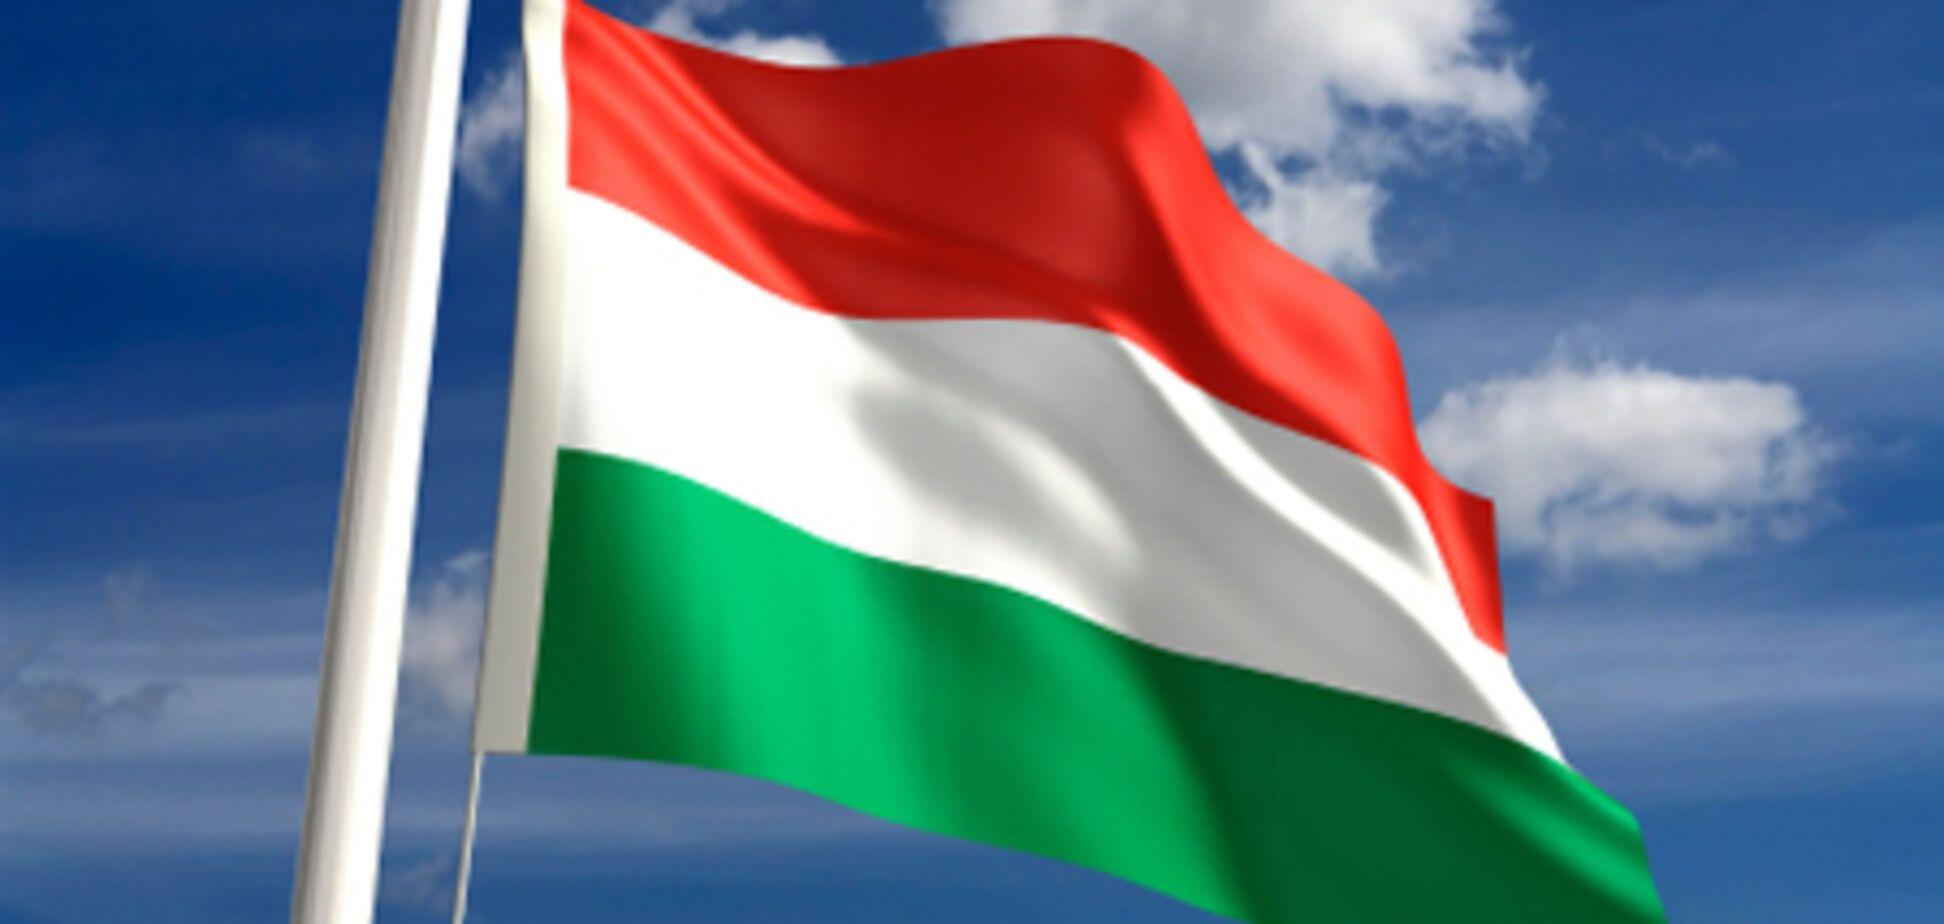 Угорщина потрапила в дипломатичний скандал через килима